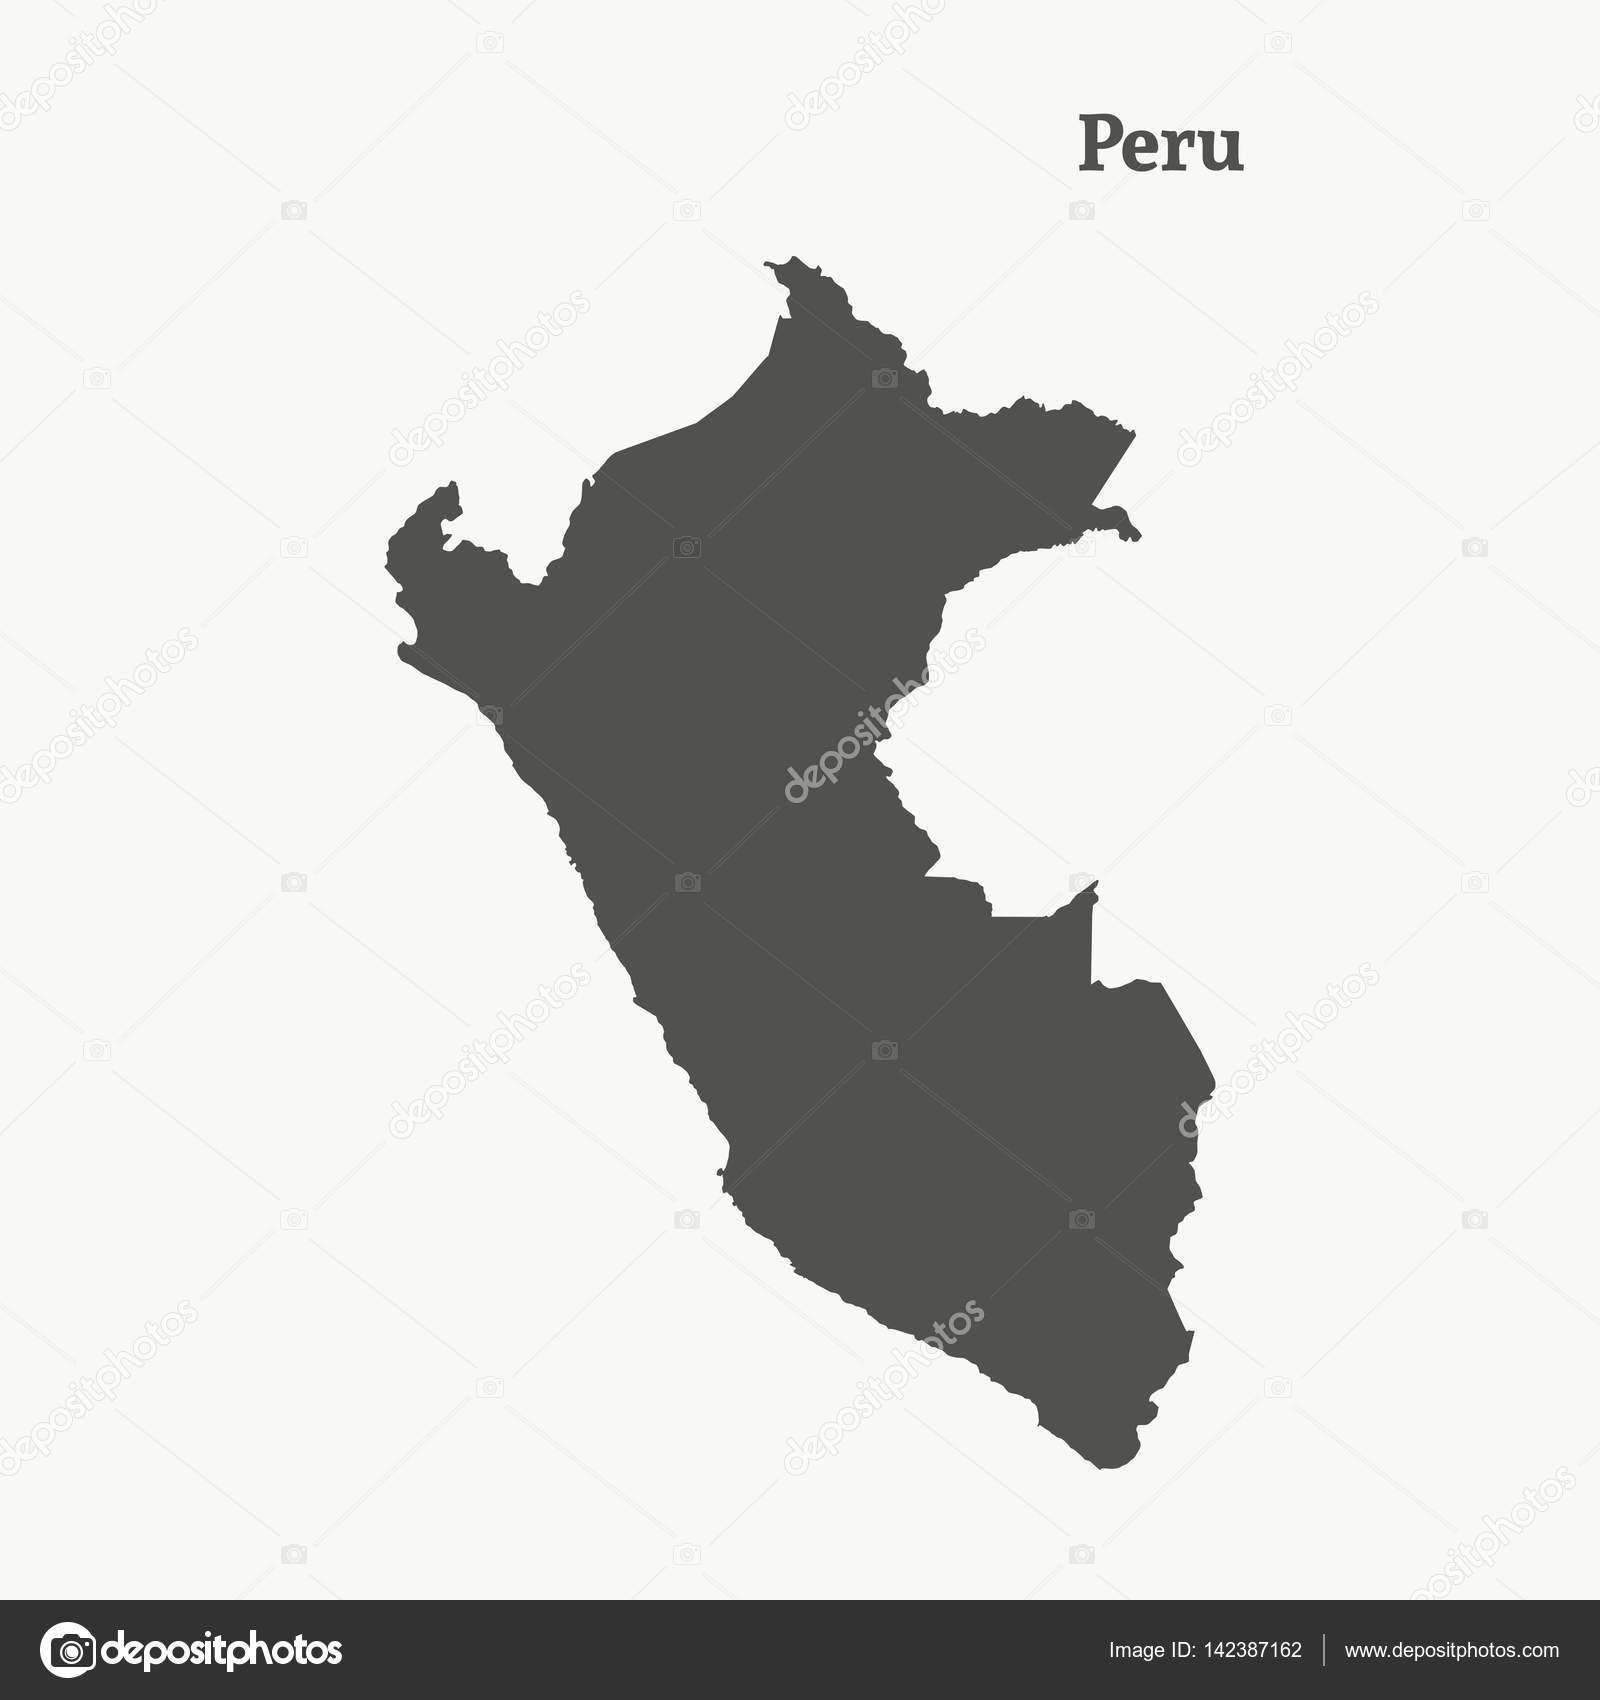 Peru Karte Umriss.Der Umriss Von Peru Vektor Illustration Stockvektor